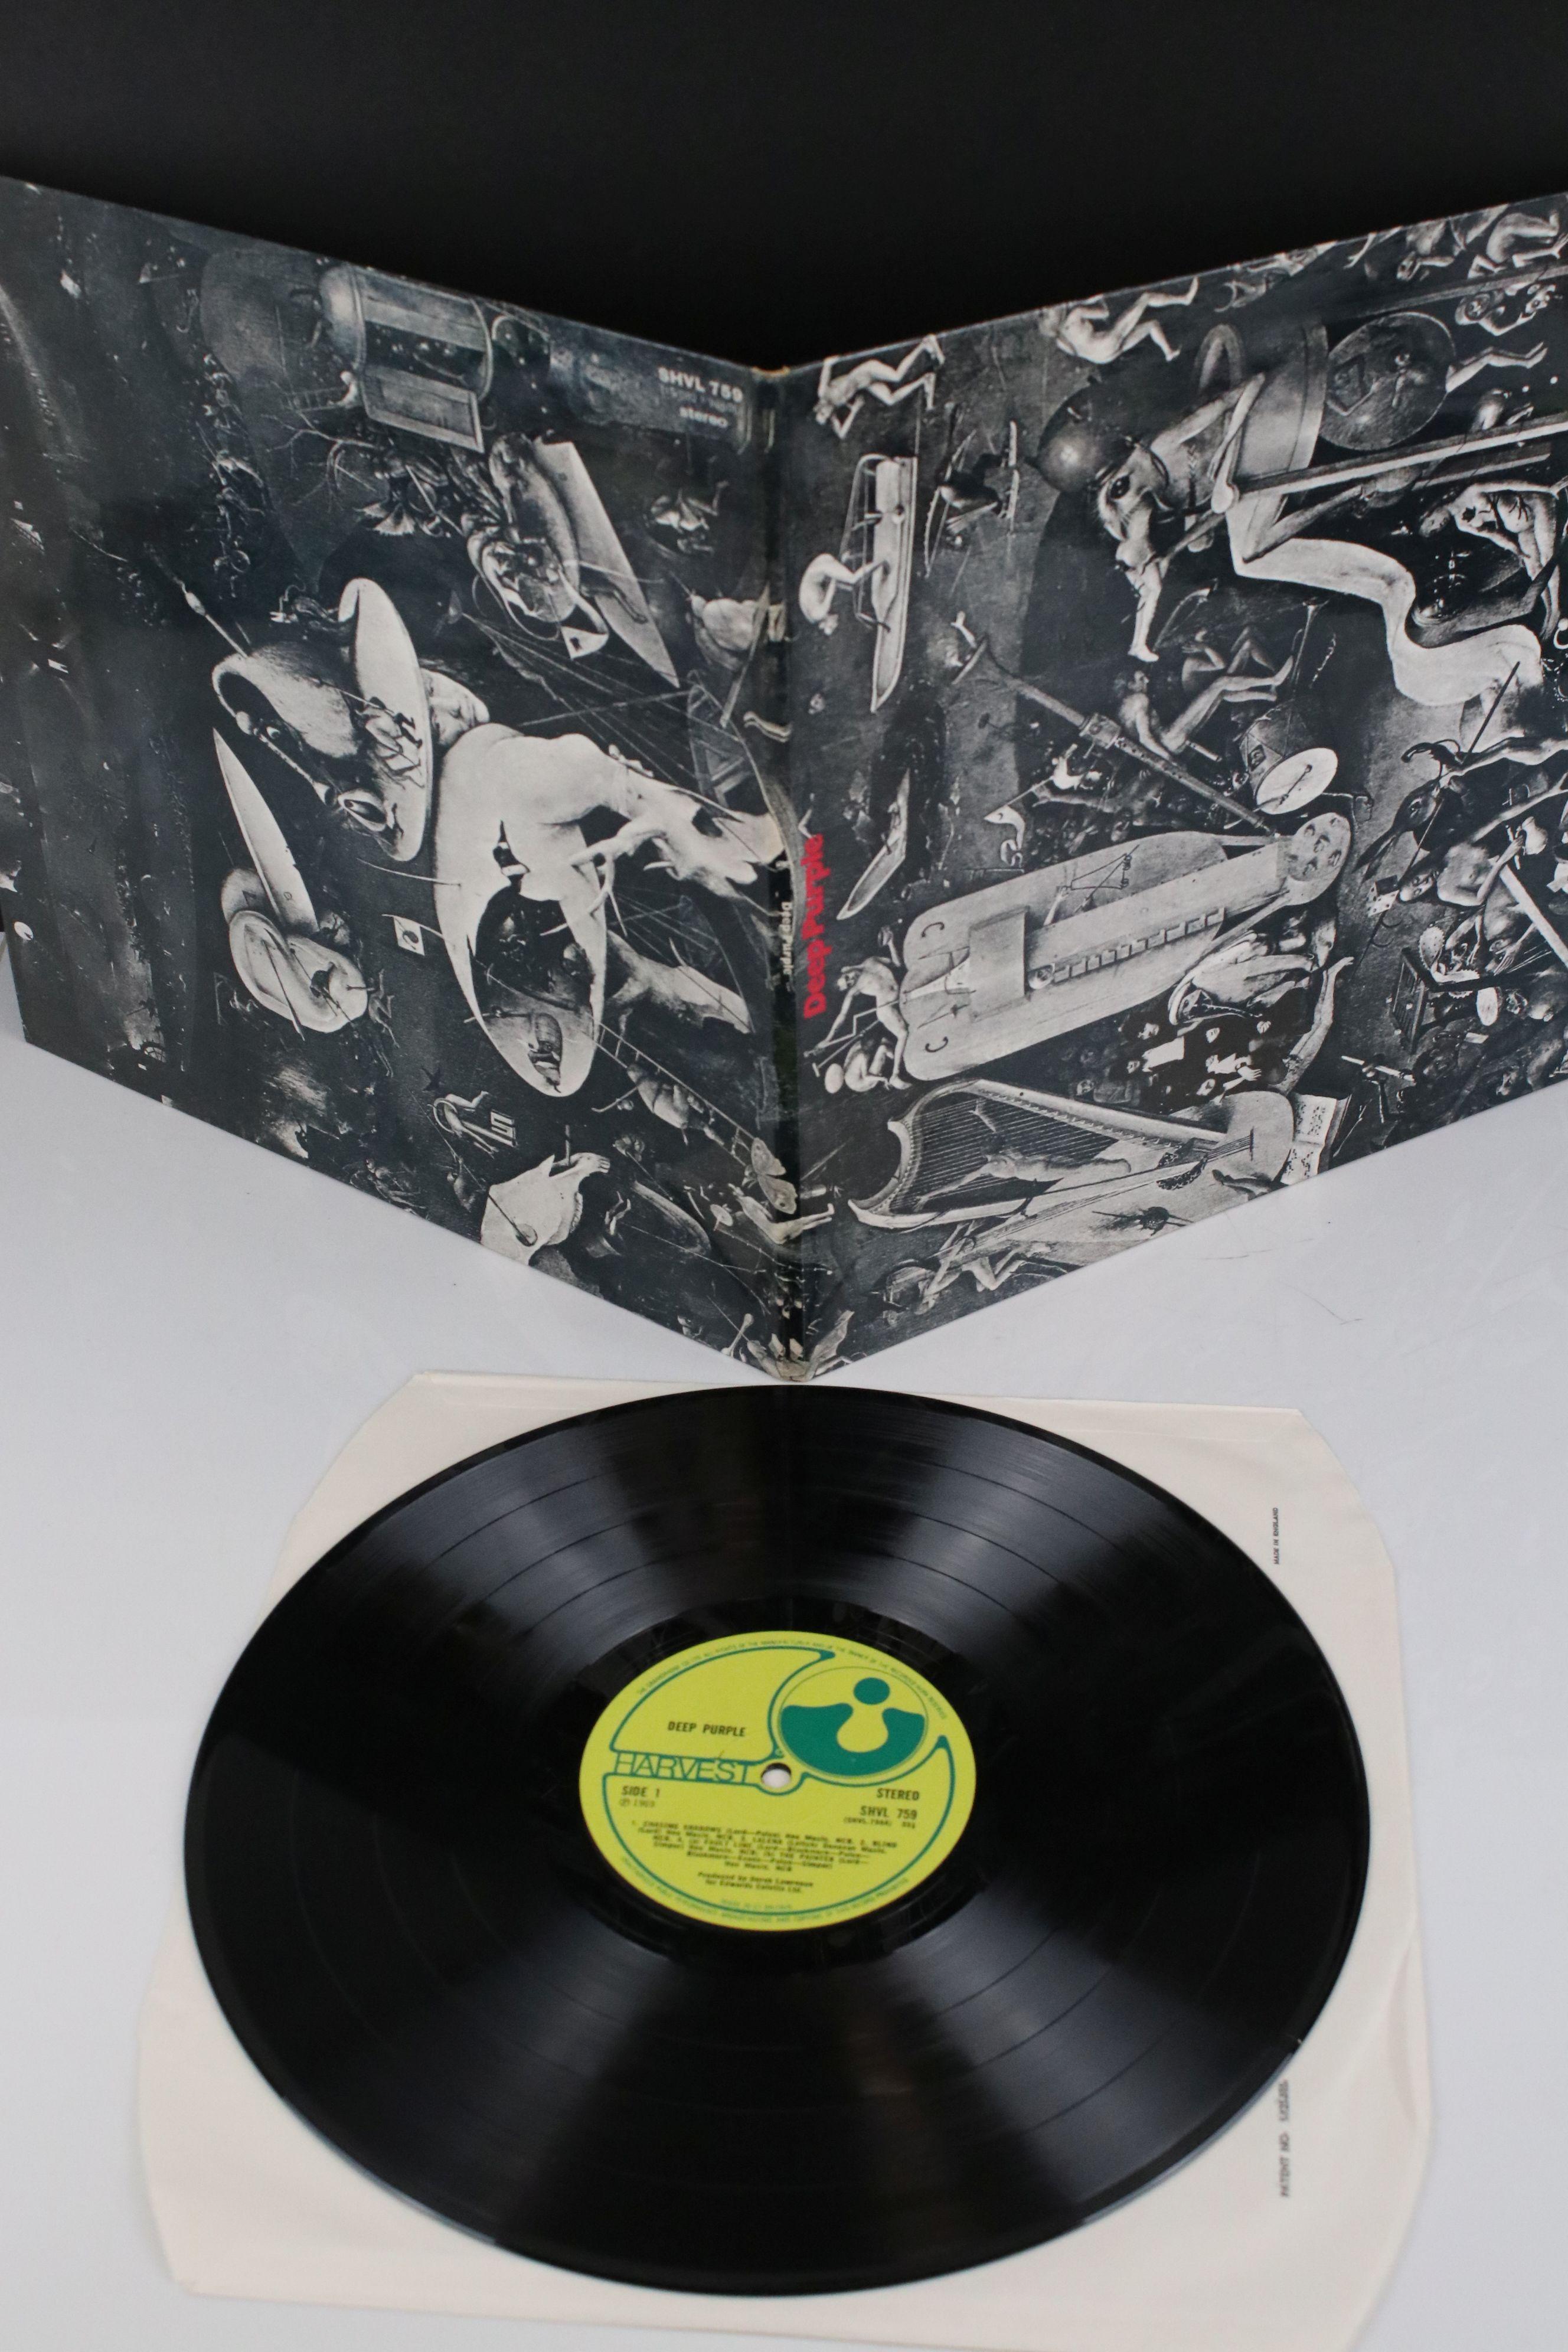 Vinyl - Deep Purple self titled (Harvest SHVL 759) no EMI on label, EMI and Harvest on front sleeve, - Image 2 of 5